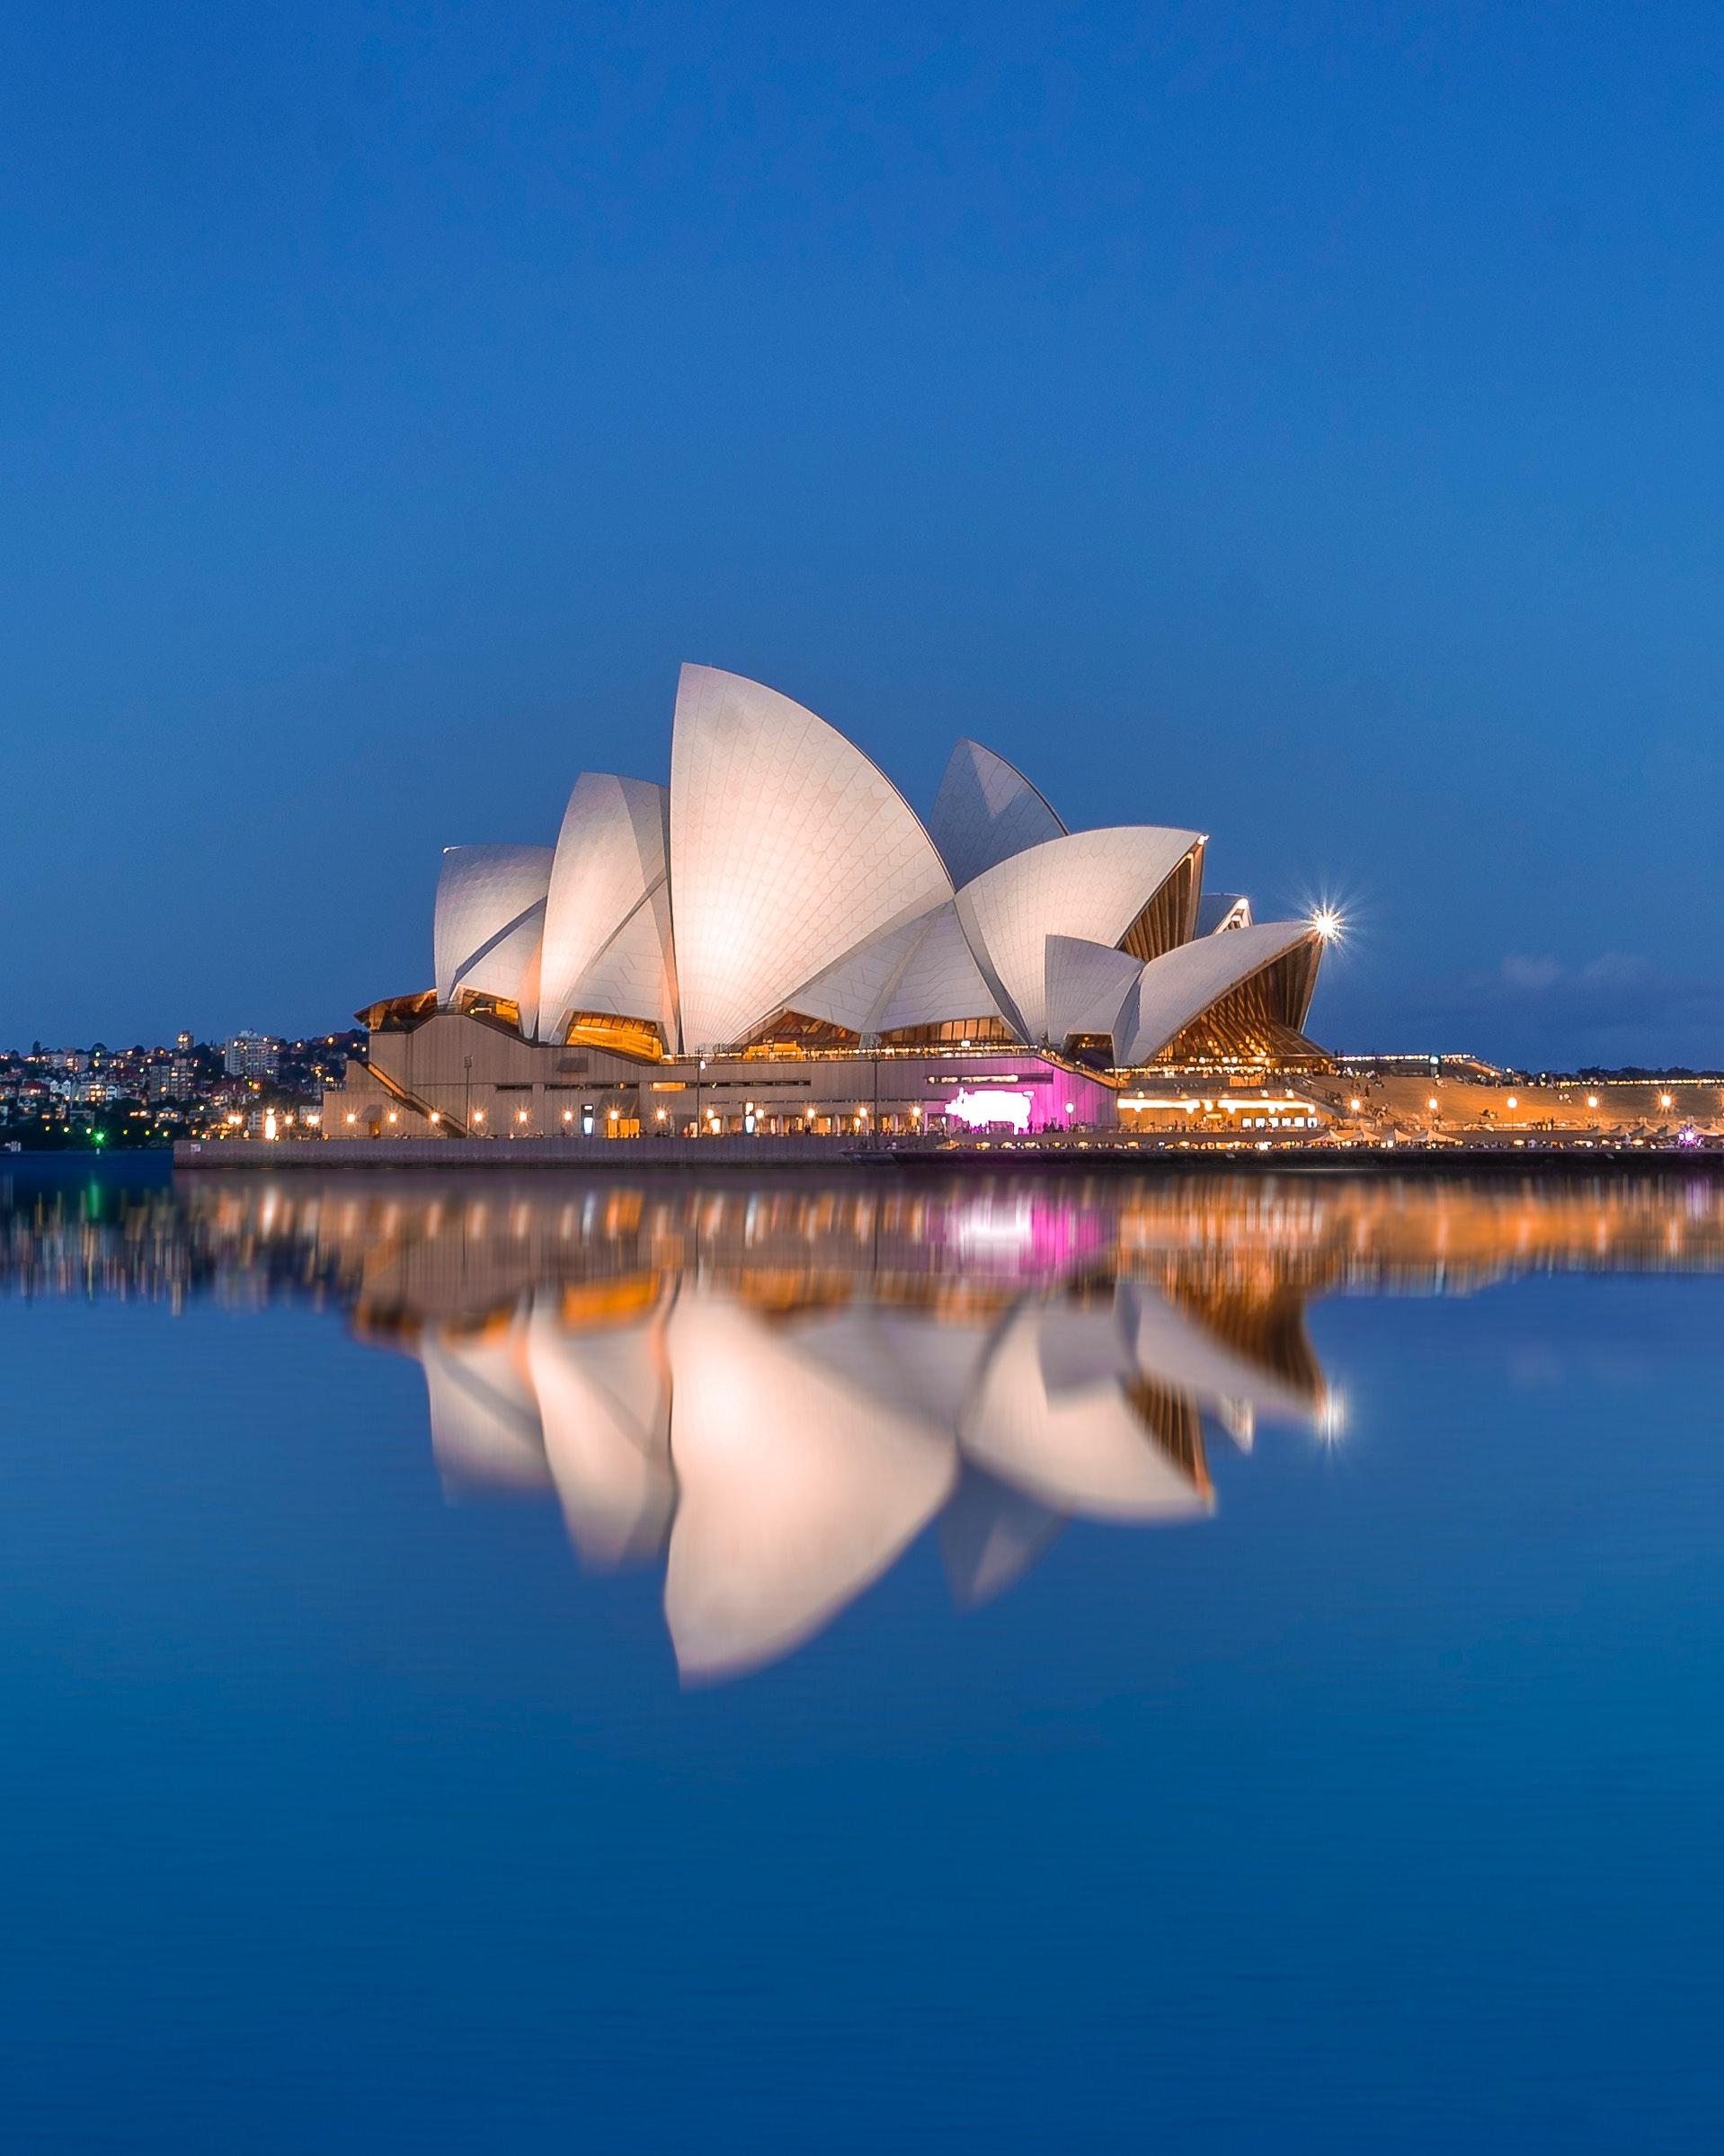 pexels photo 1878293.jpeg?cs=srgb&dl=sydney opera house australia 1878293 - 46+ Photos Of Sydney Opera House In Australia  Pictures